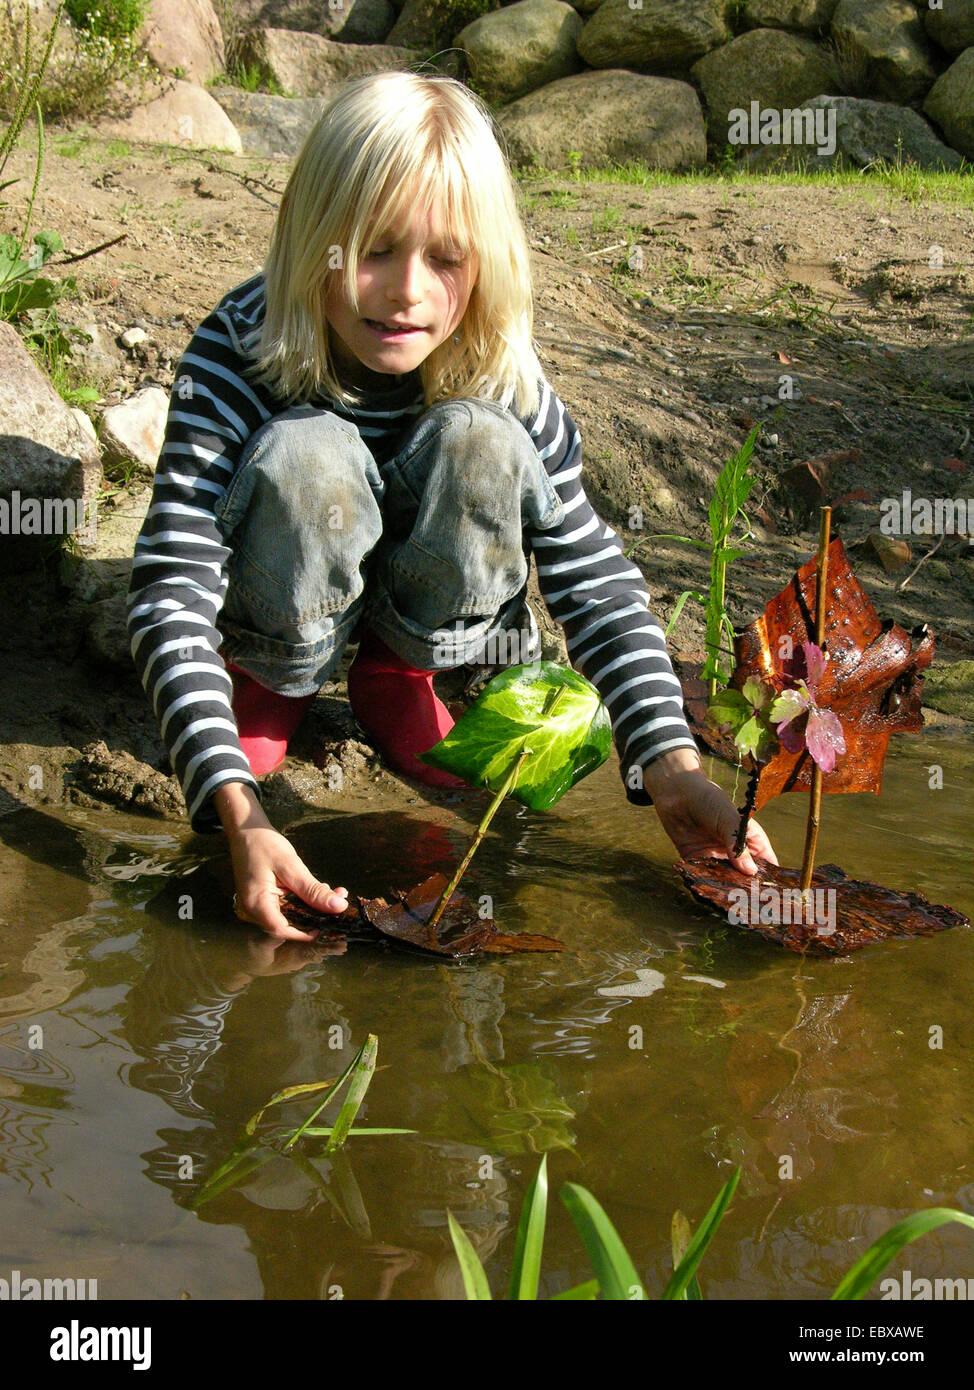 Bambino a un torrente di mettere due navi di corteccia in acqua Immagini Stock